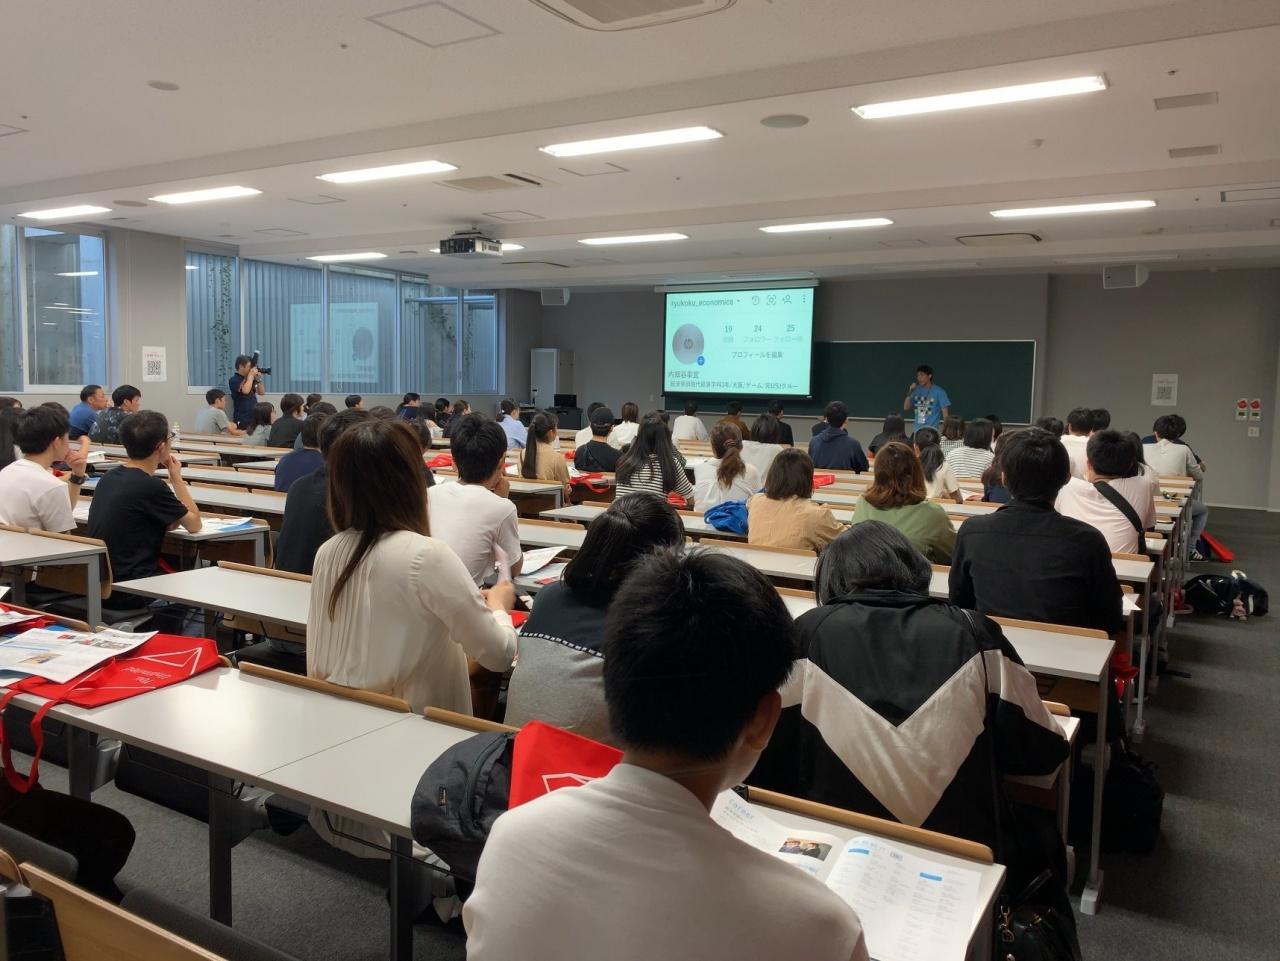 「学部紹介イベント」学生発表の様子